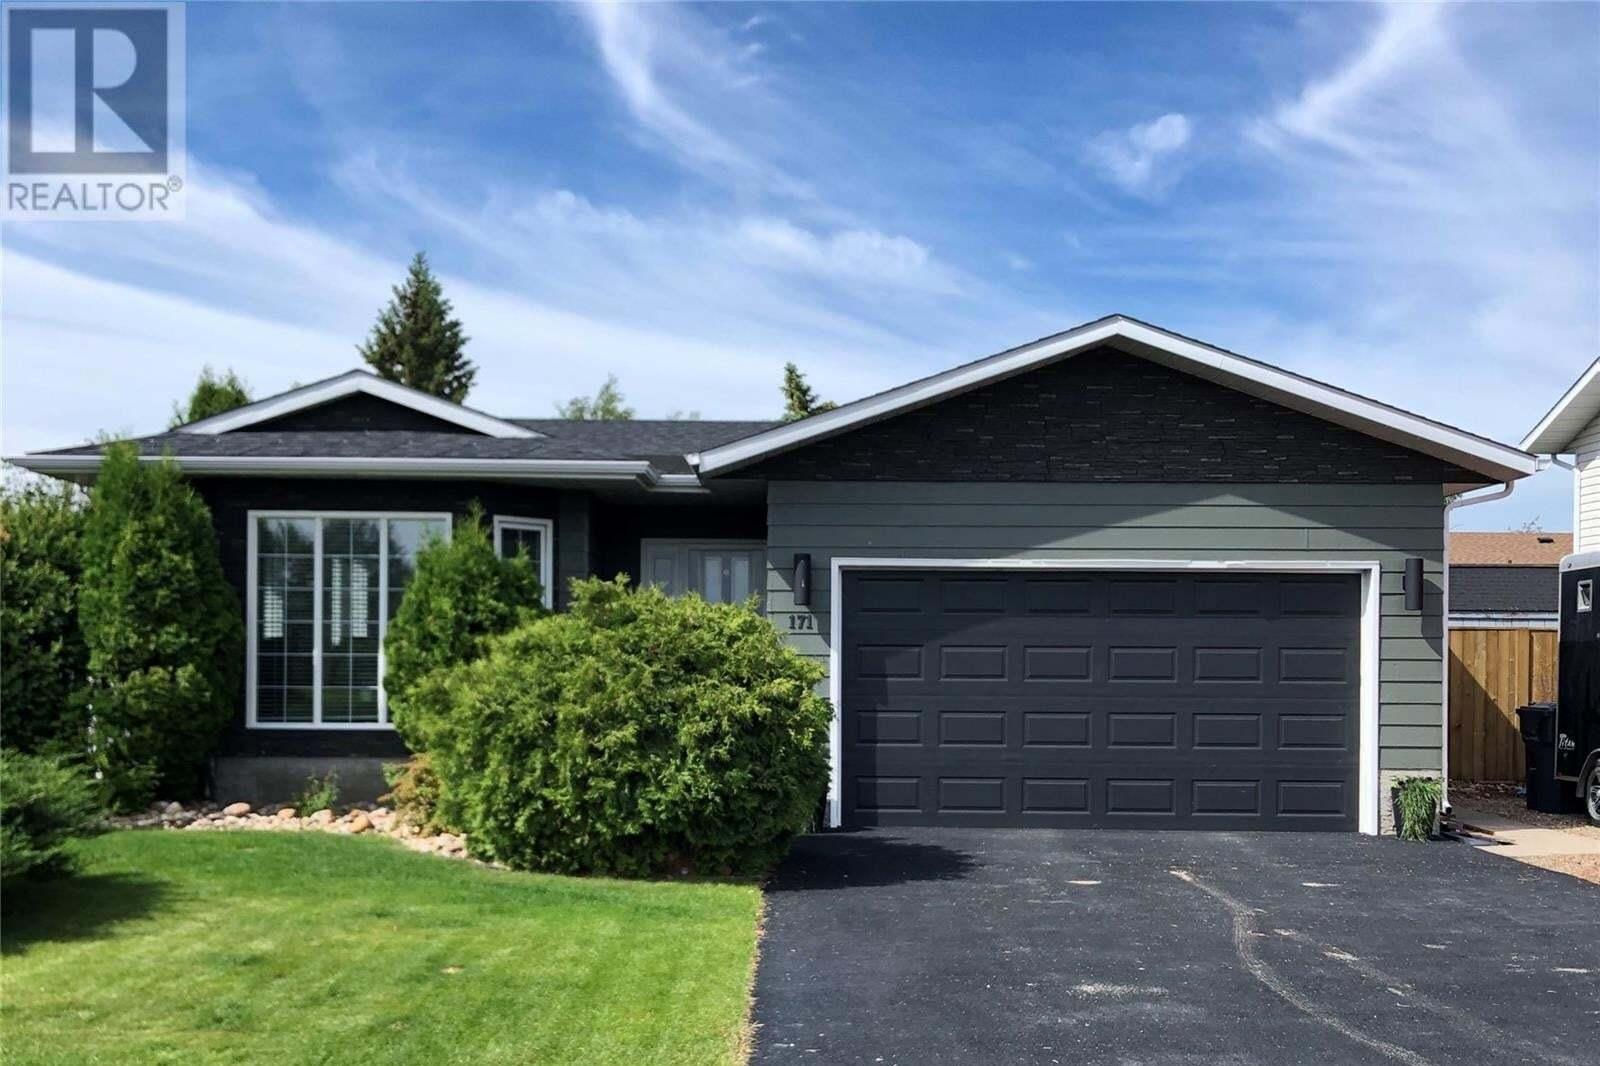 House for sale at 171 Riverbend Cres Battleford Saskatchewan - MLS: SK814383